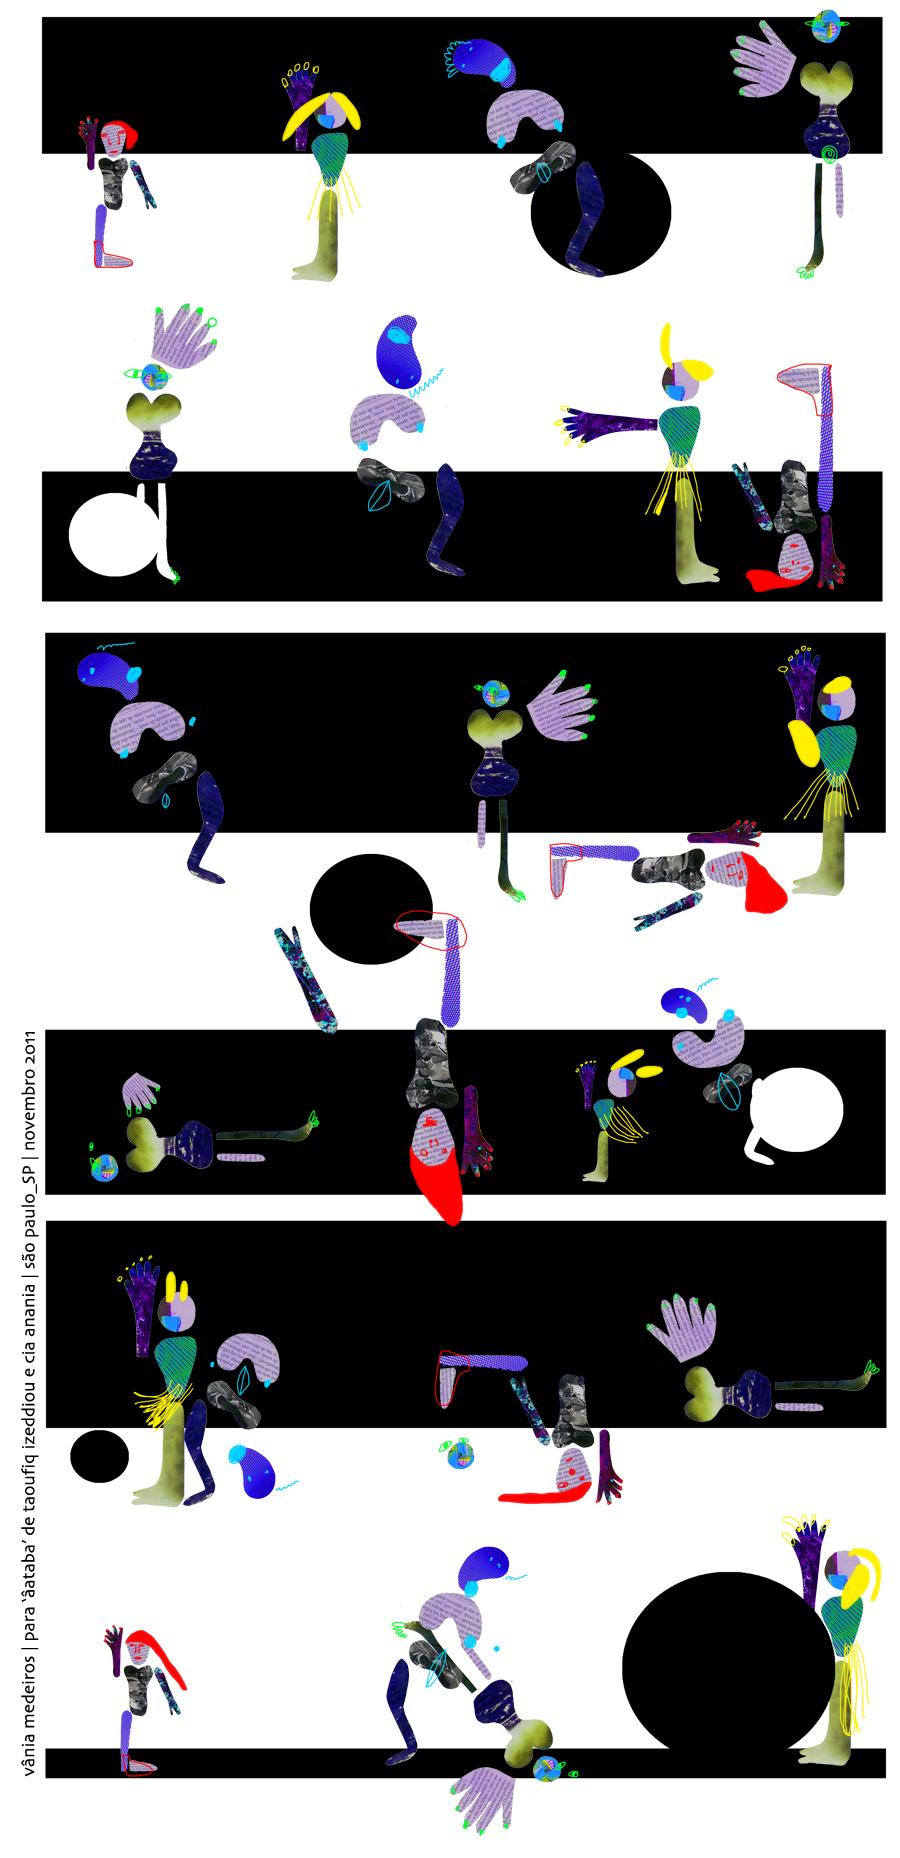 Aataba de Taouffik izzediou / Ilustração: Vania Medeiros